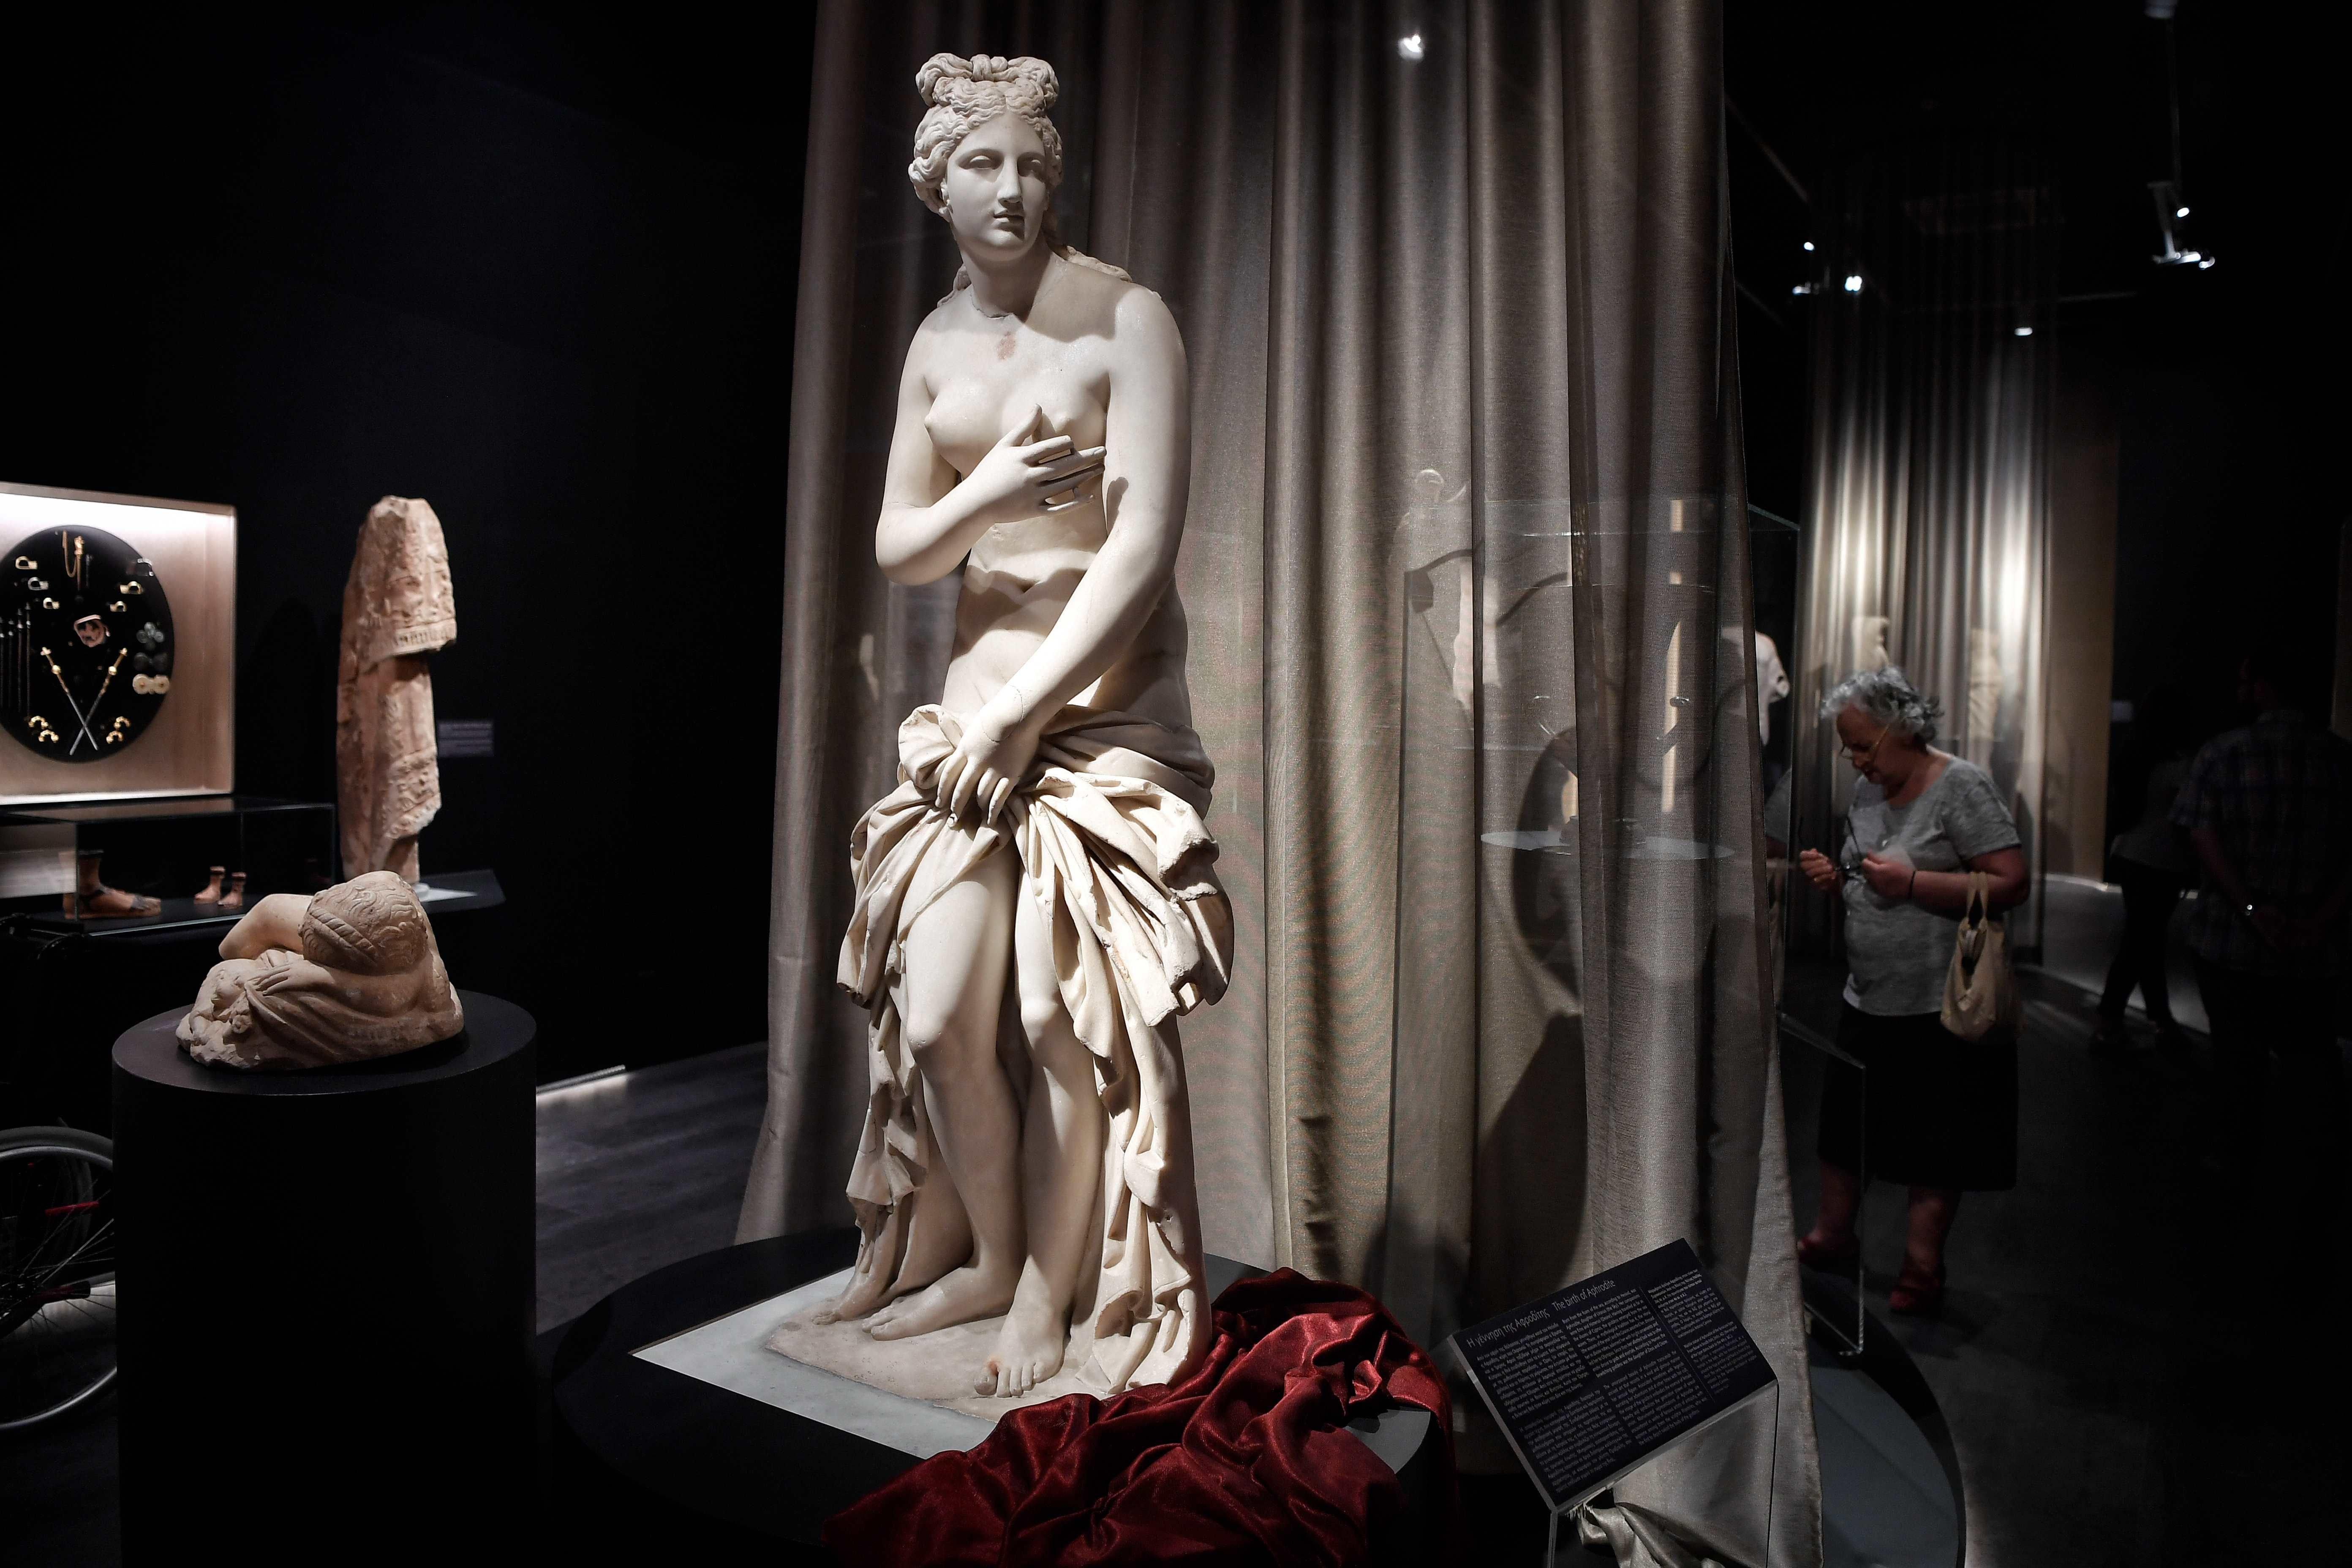 Καλλυντικά και μακιγιάζ στην αρχαία Ελλάδα